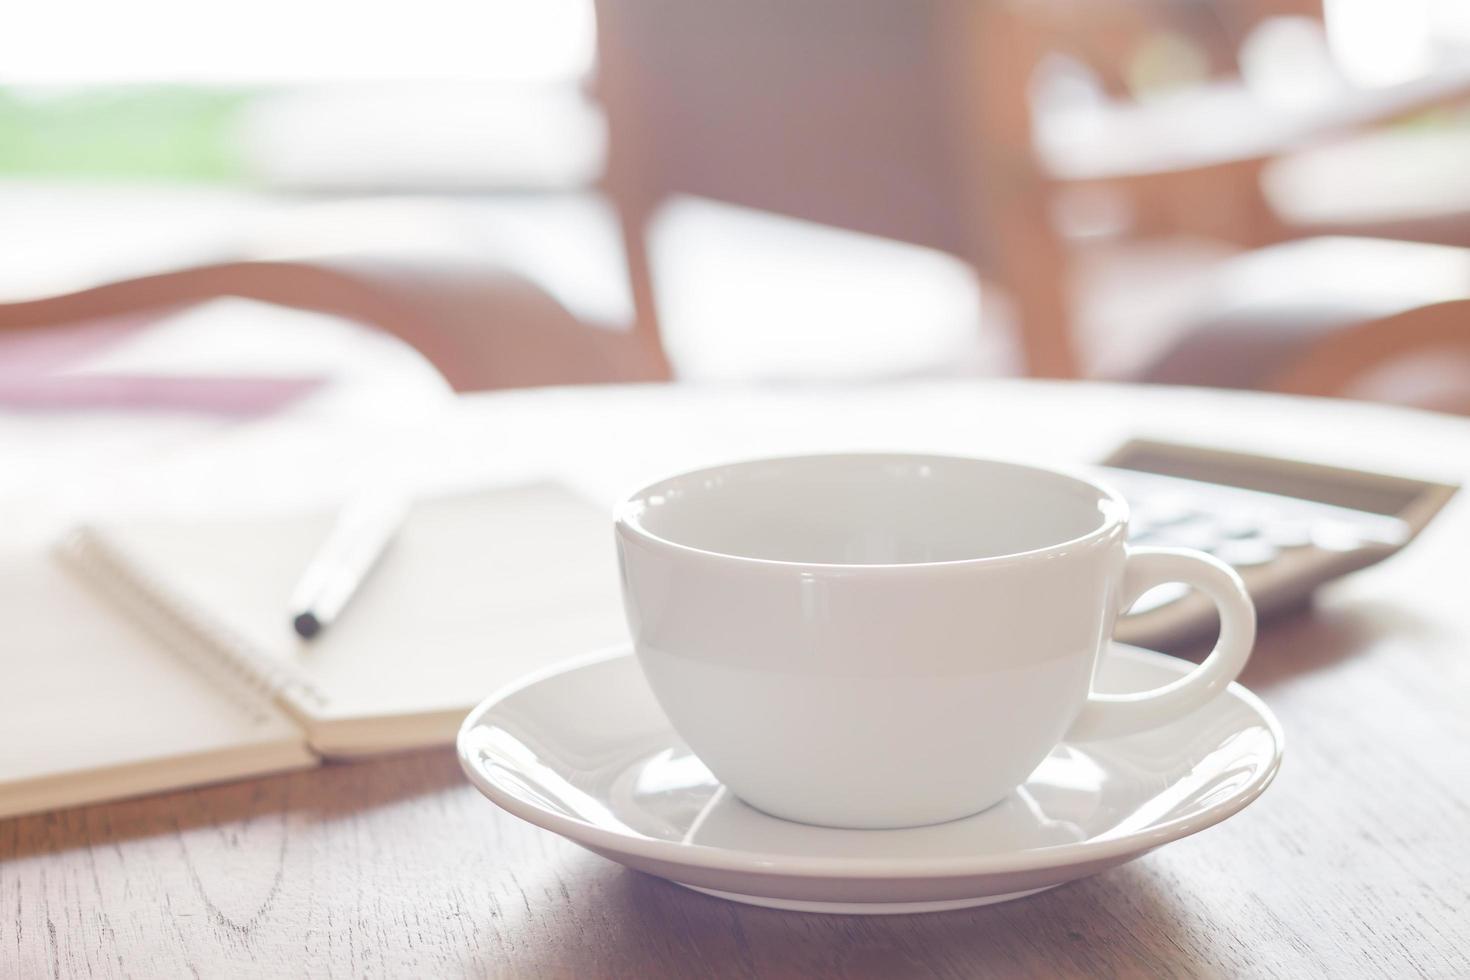 tazza di caffè bianco in un caffè foto